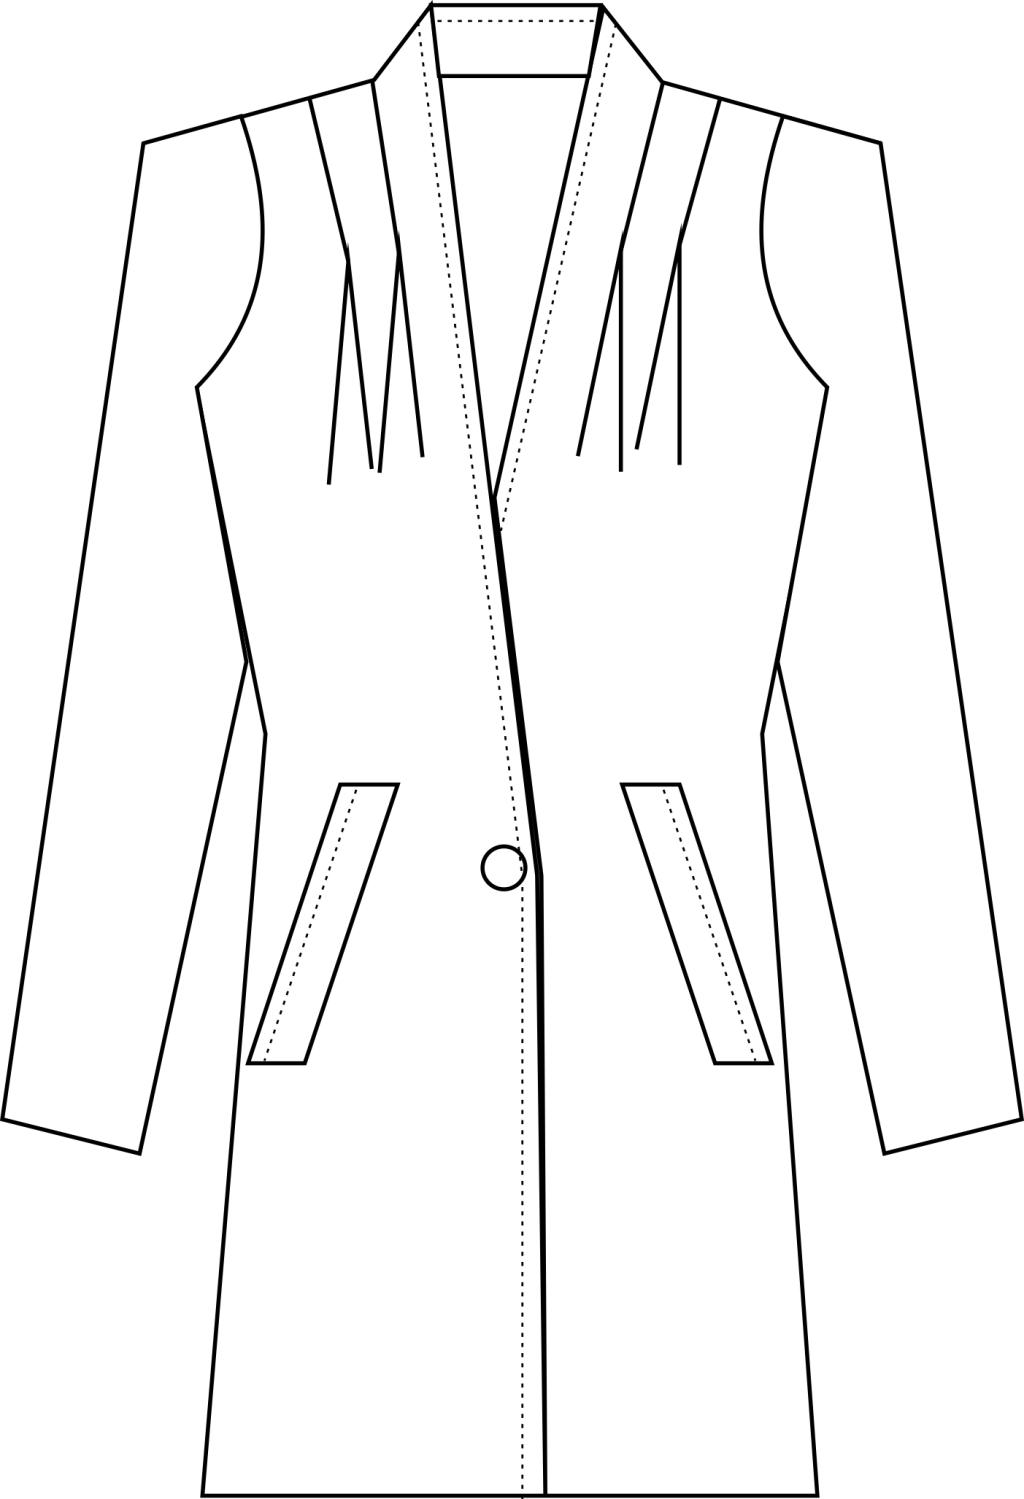 时装 插肩袖中大衣款式图